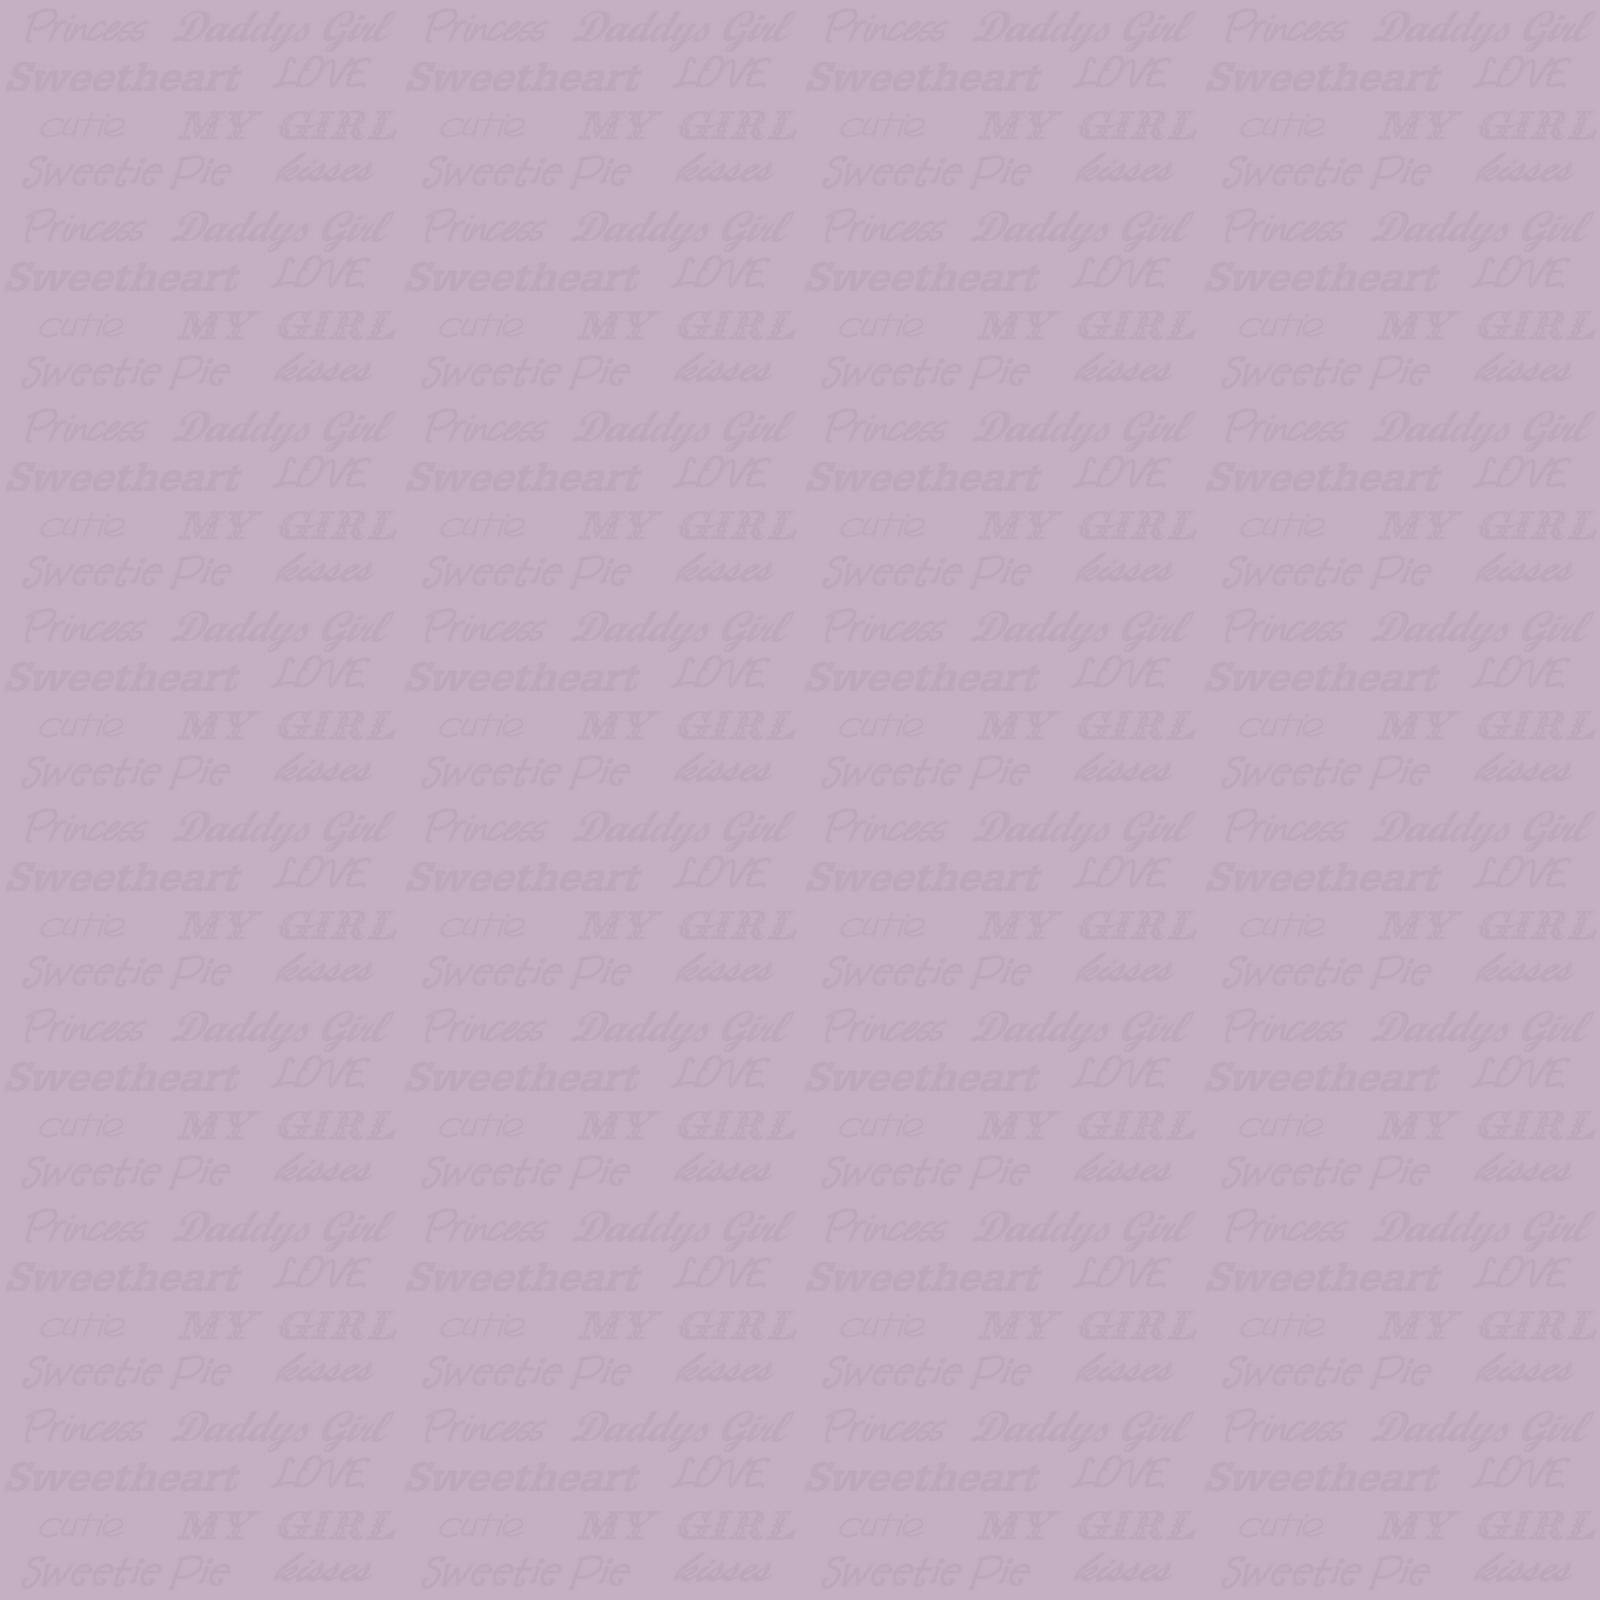 Recursos infantiles: Fondos blanco, rosa y morado con letras